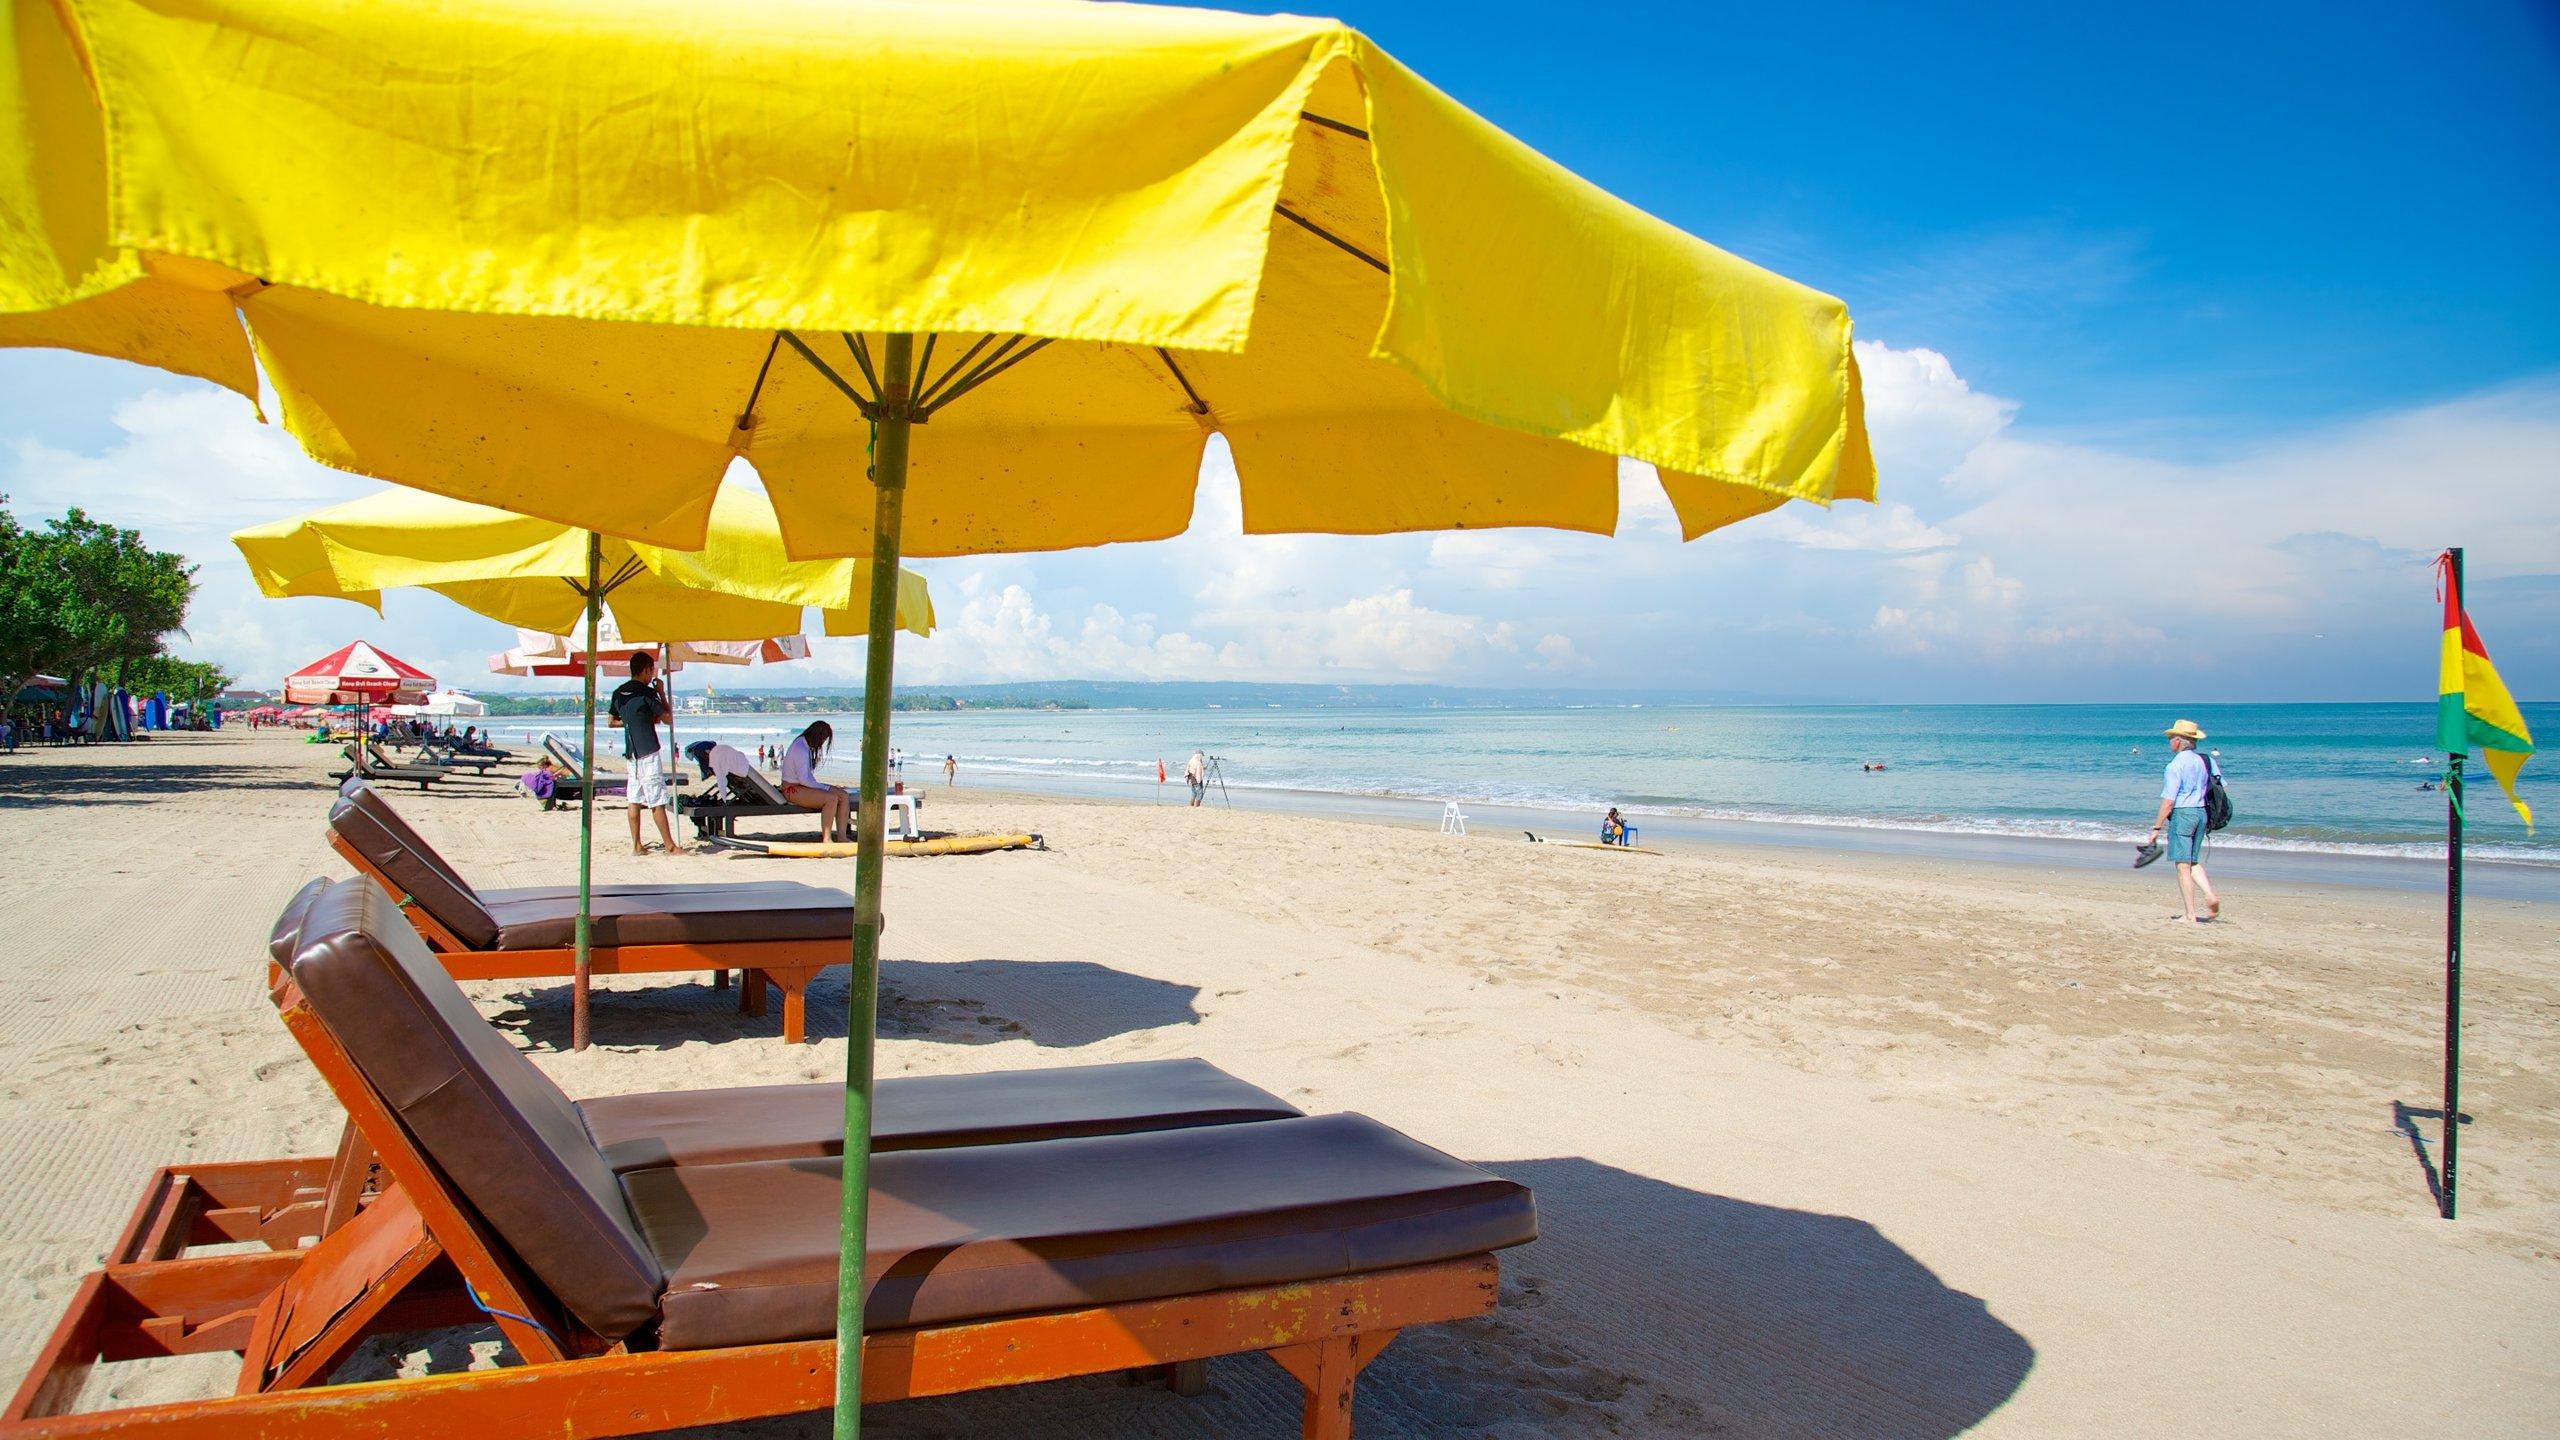 Jika liburan yang tenang adalah bagian dari rencana perjalanan Anda, Pantai Legian mungkin merupakan tempat yang sempurna untuk beristirahat selama perjalanan Anda ke Legian. Jelajahi matahari terbenam yang indah dan spa di area romantis ini.